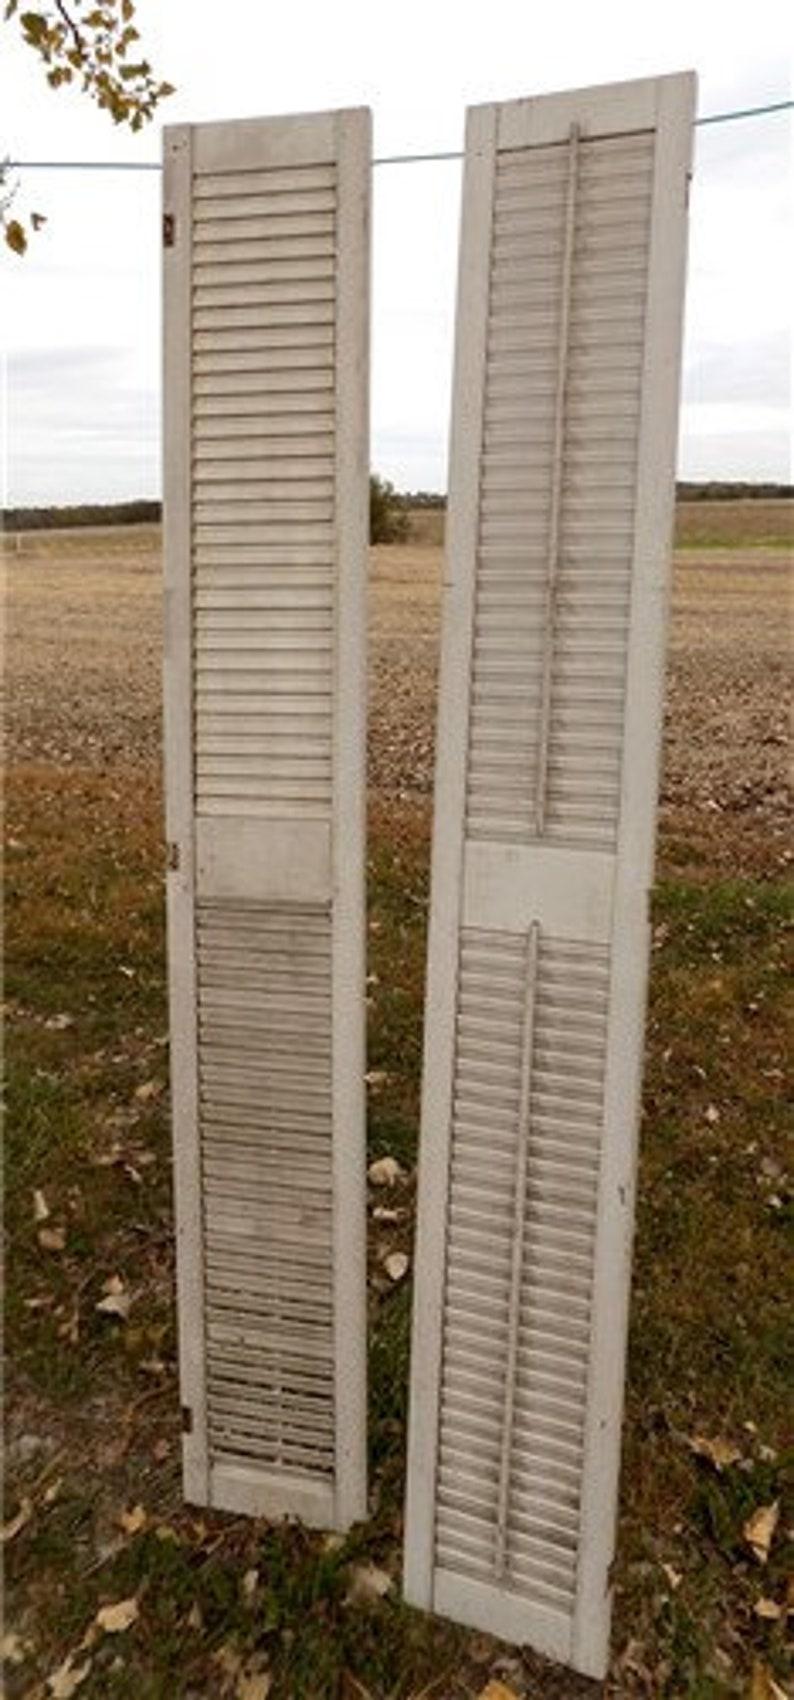 Wood Shutters Lot Victorian Window Louver Plantation Door Mission Vintage A49 Shutters Wall Decor Farmhouse Decor Vintage